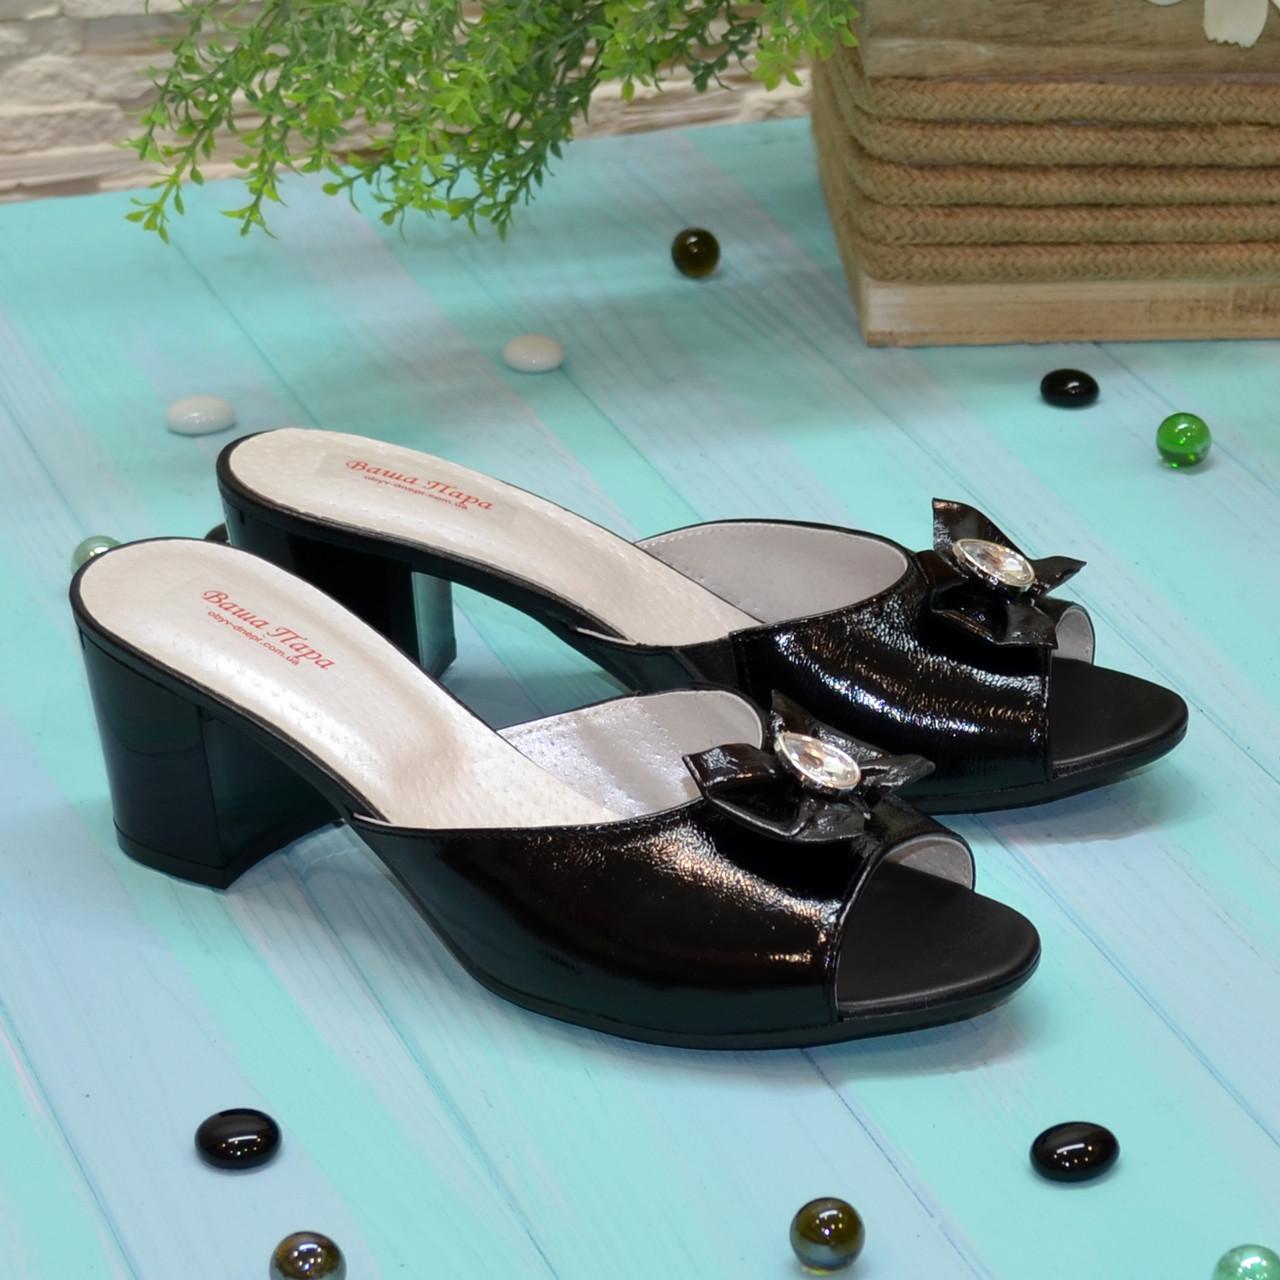 Шлепанцы женские лаковые черные на устойчивом каблуке, декорированы бантиком и фурнитурой